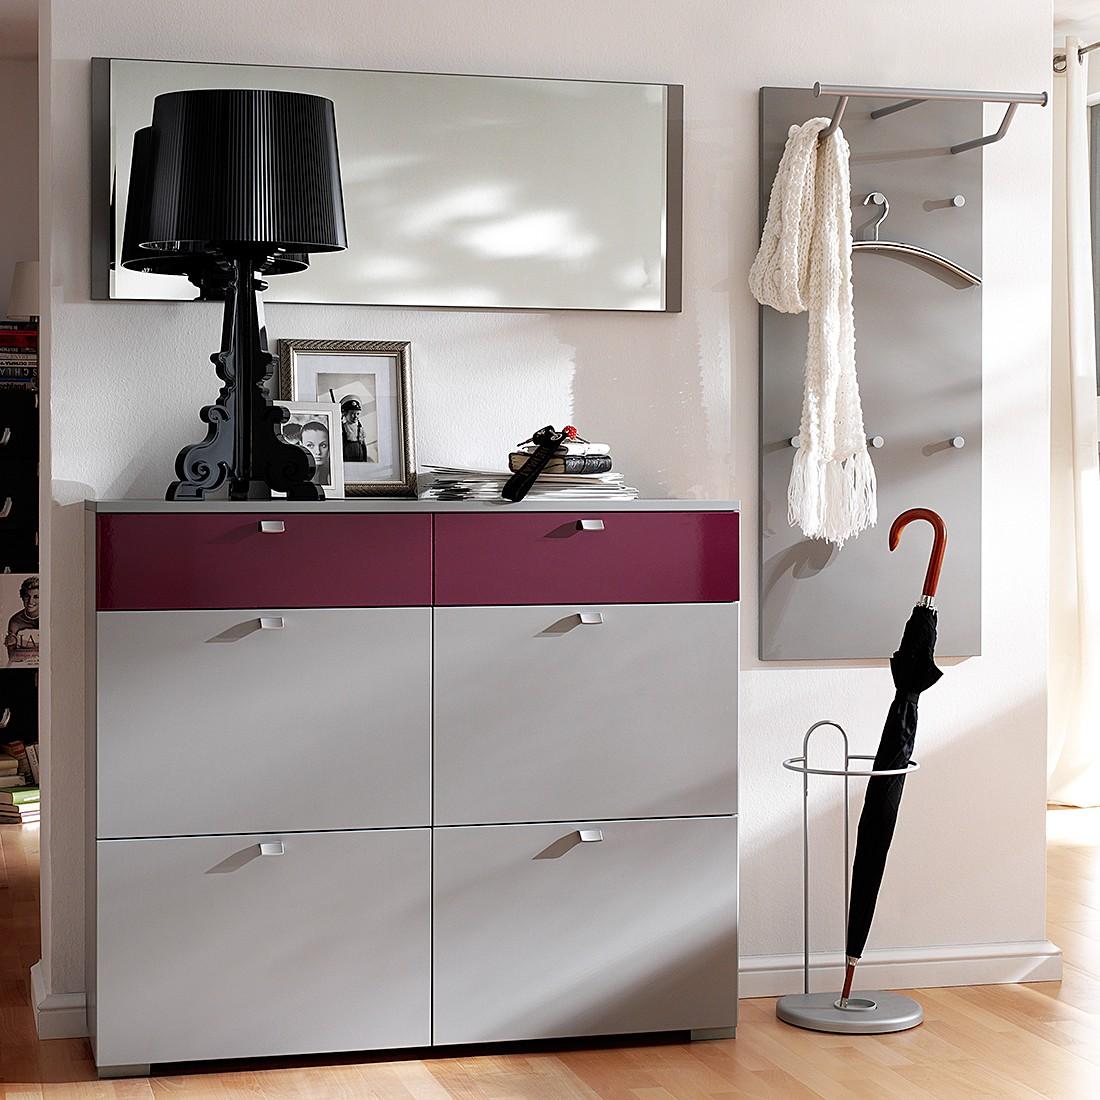 Parete Viola Grigio: Arredare le pareti con i colori foto design mag.